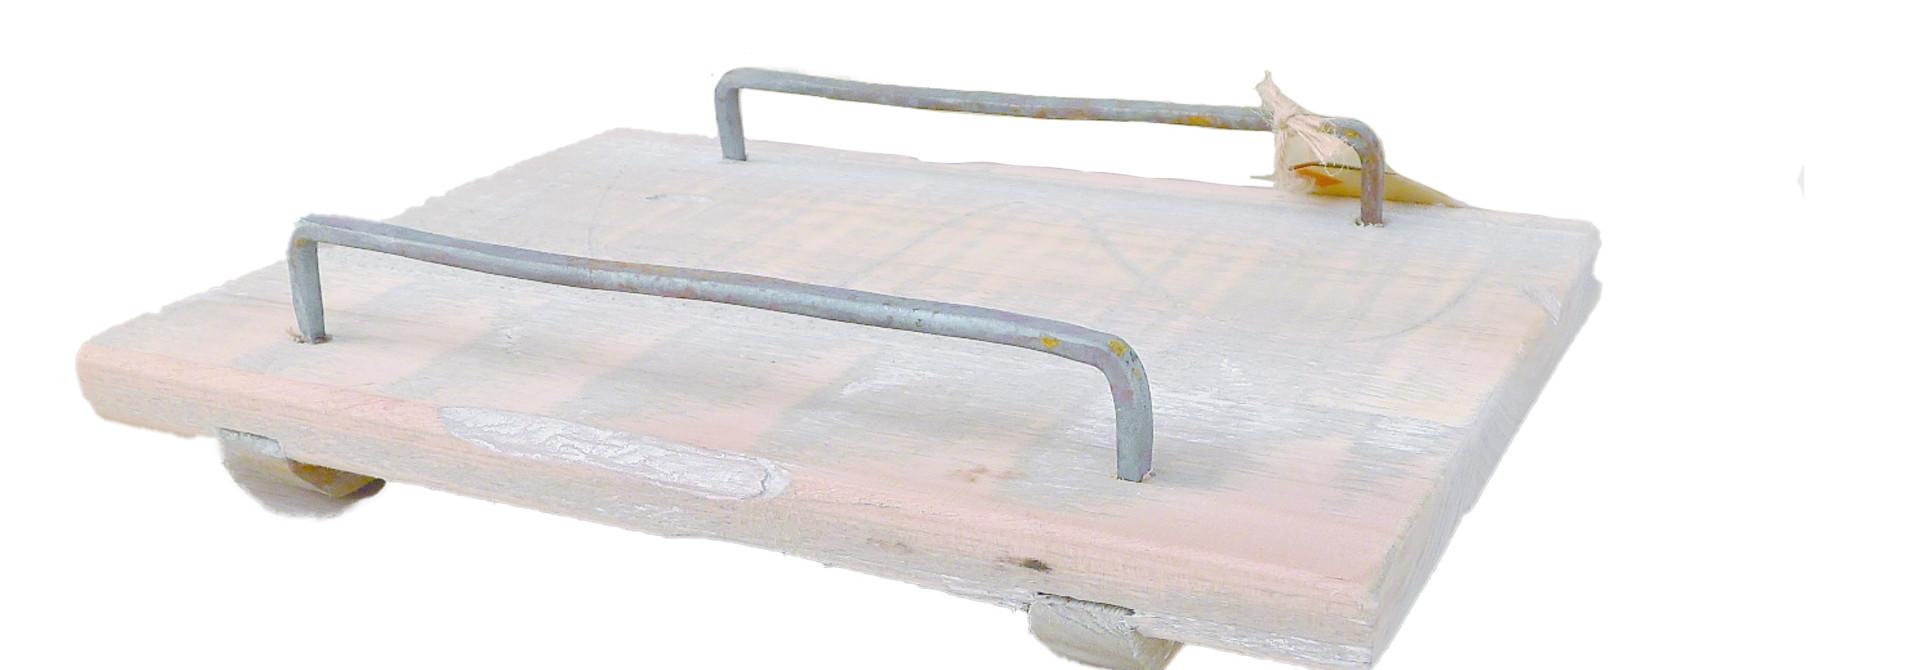 tray old dutchmet vert 30